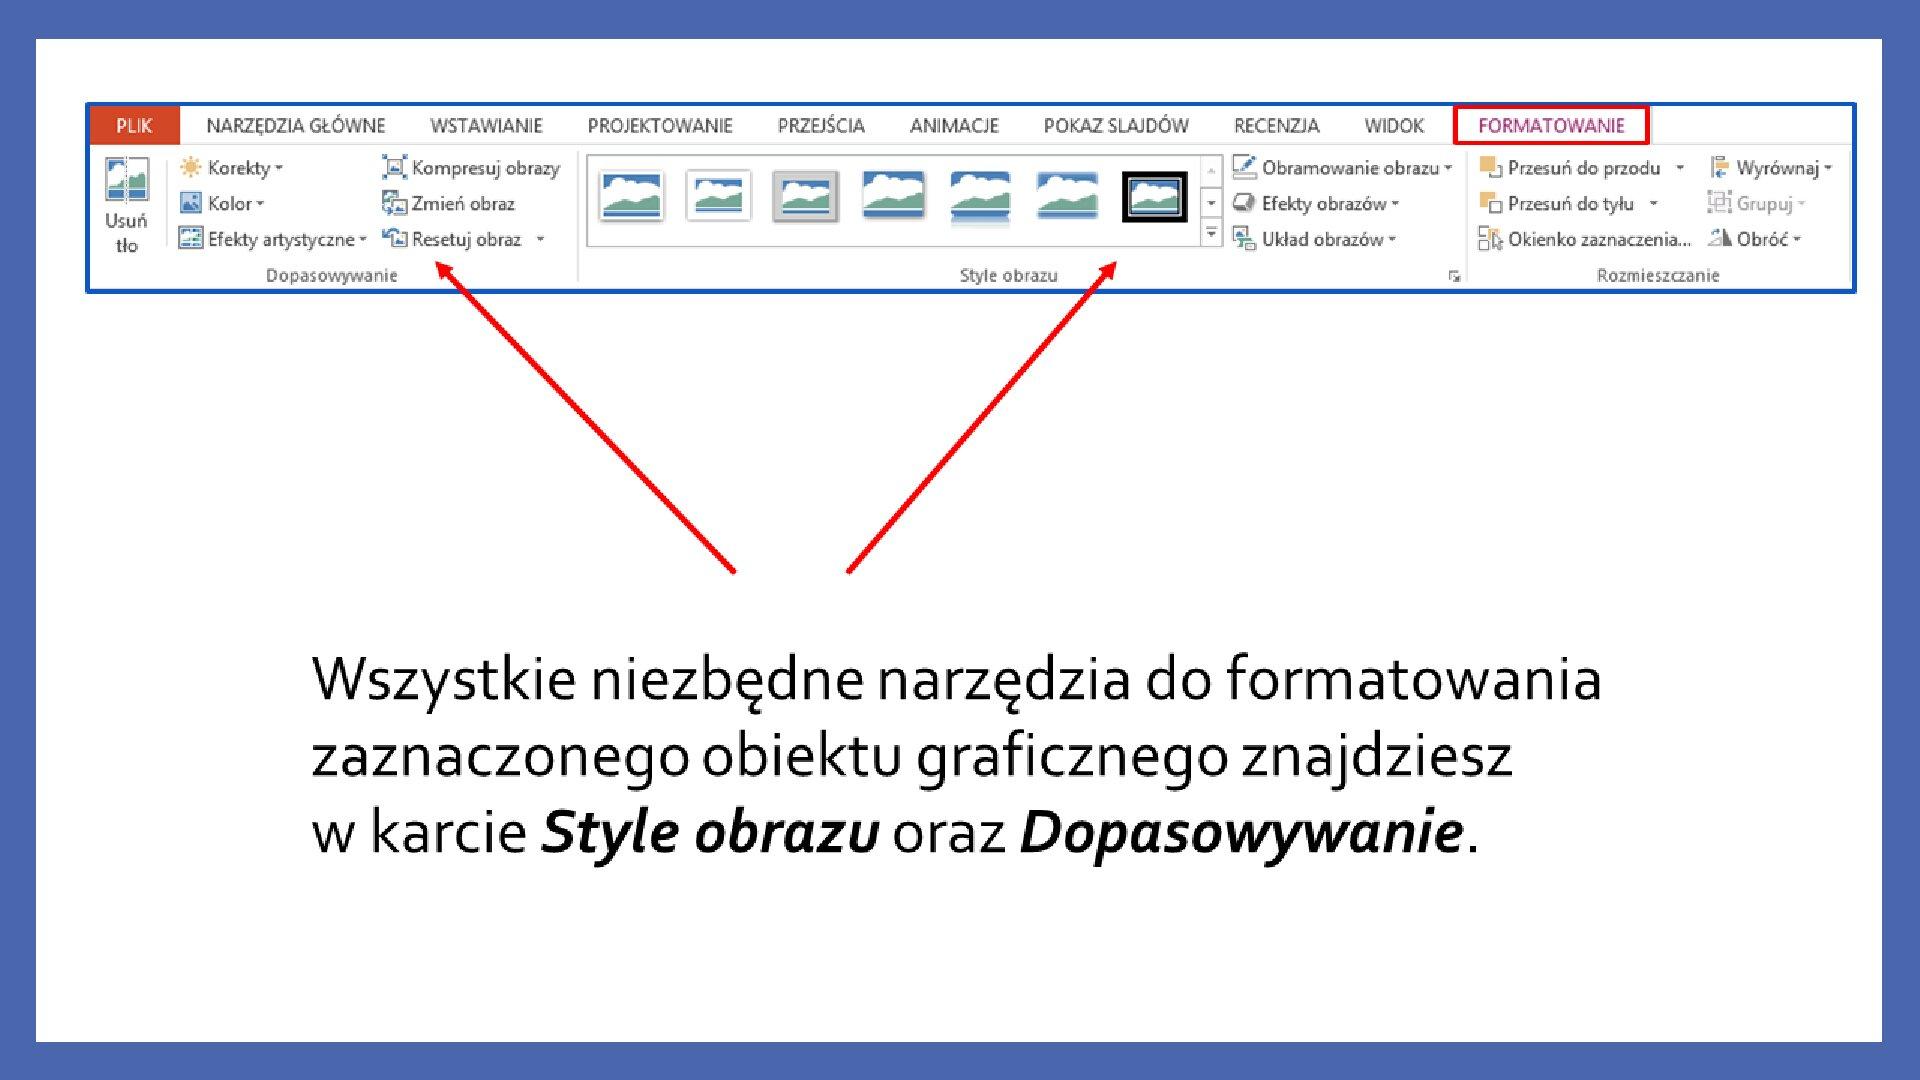 Slajd 2 galerii zrzutów slajdów: Modyfikacja obiektów wprogramie MS PowerPoint